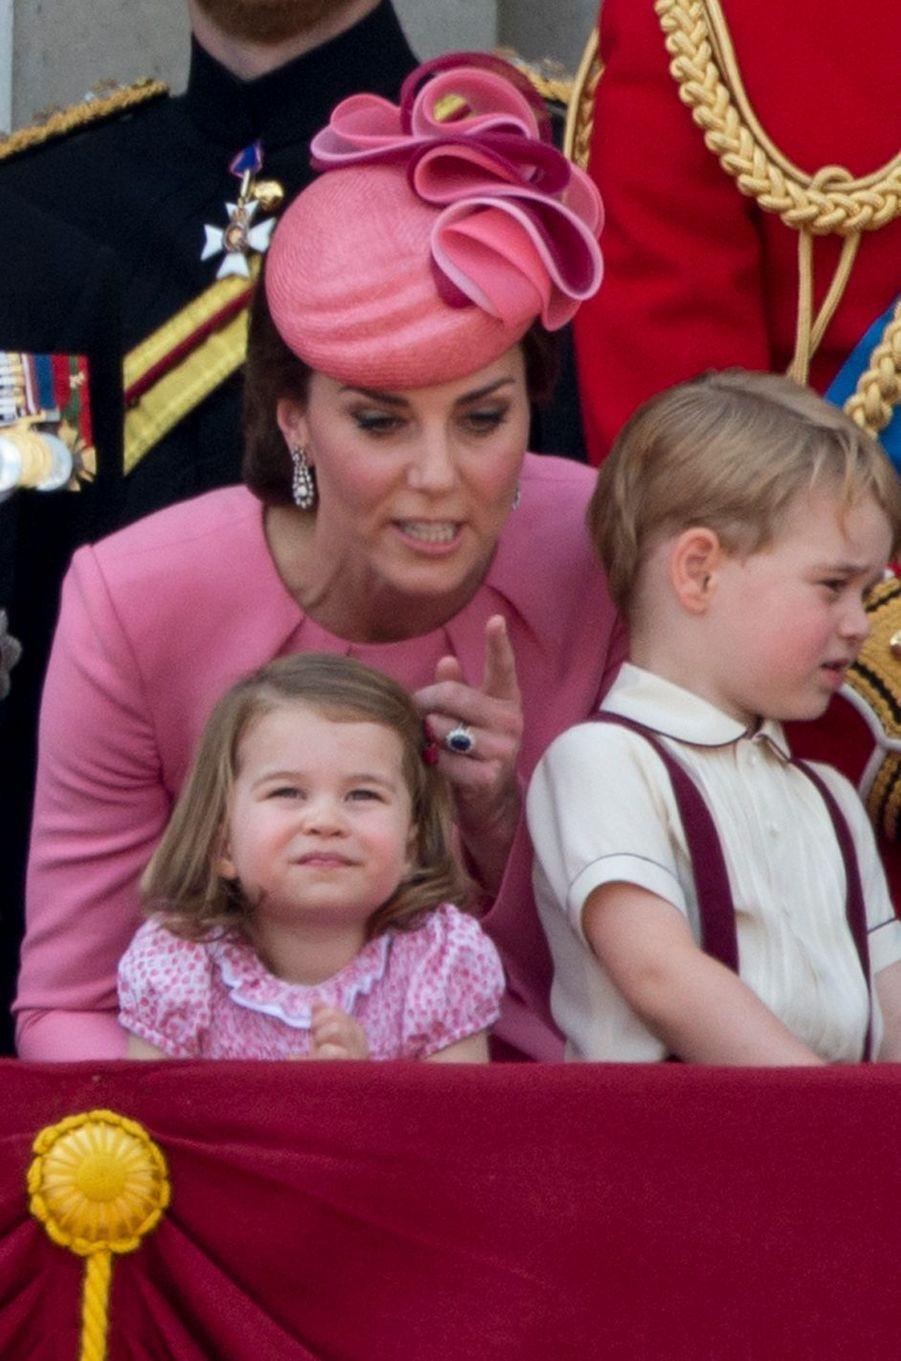 La duchesse Catherine de Cambridge avec ses enfants la princesse Charlotte et le prince George à Londres, le 17 juin 2017